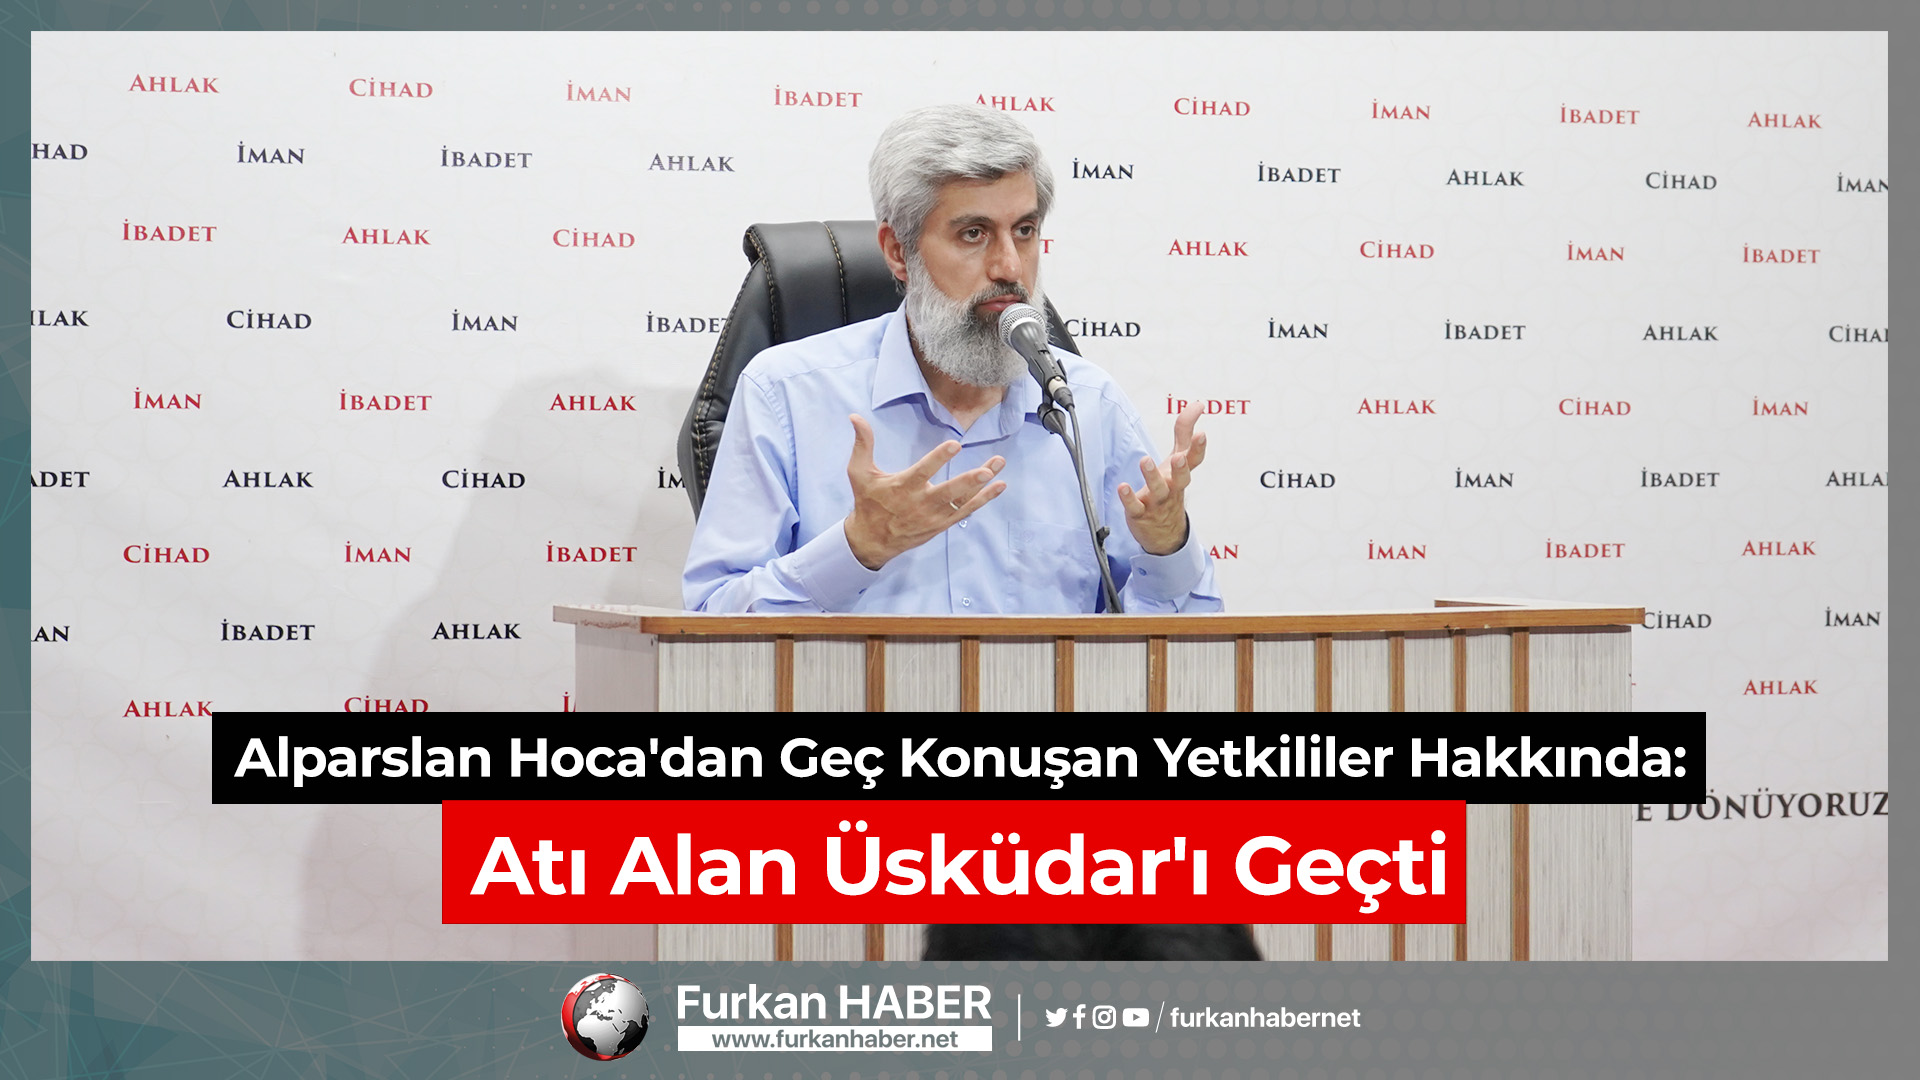 Alparslan Hoca'dan Geç Konuşan Yetkililer Hakkında: Atı Alan Üsküdar'ı Geçti